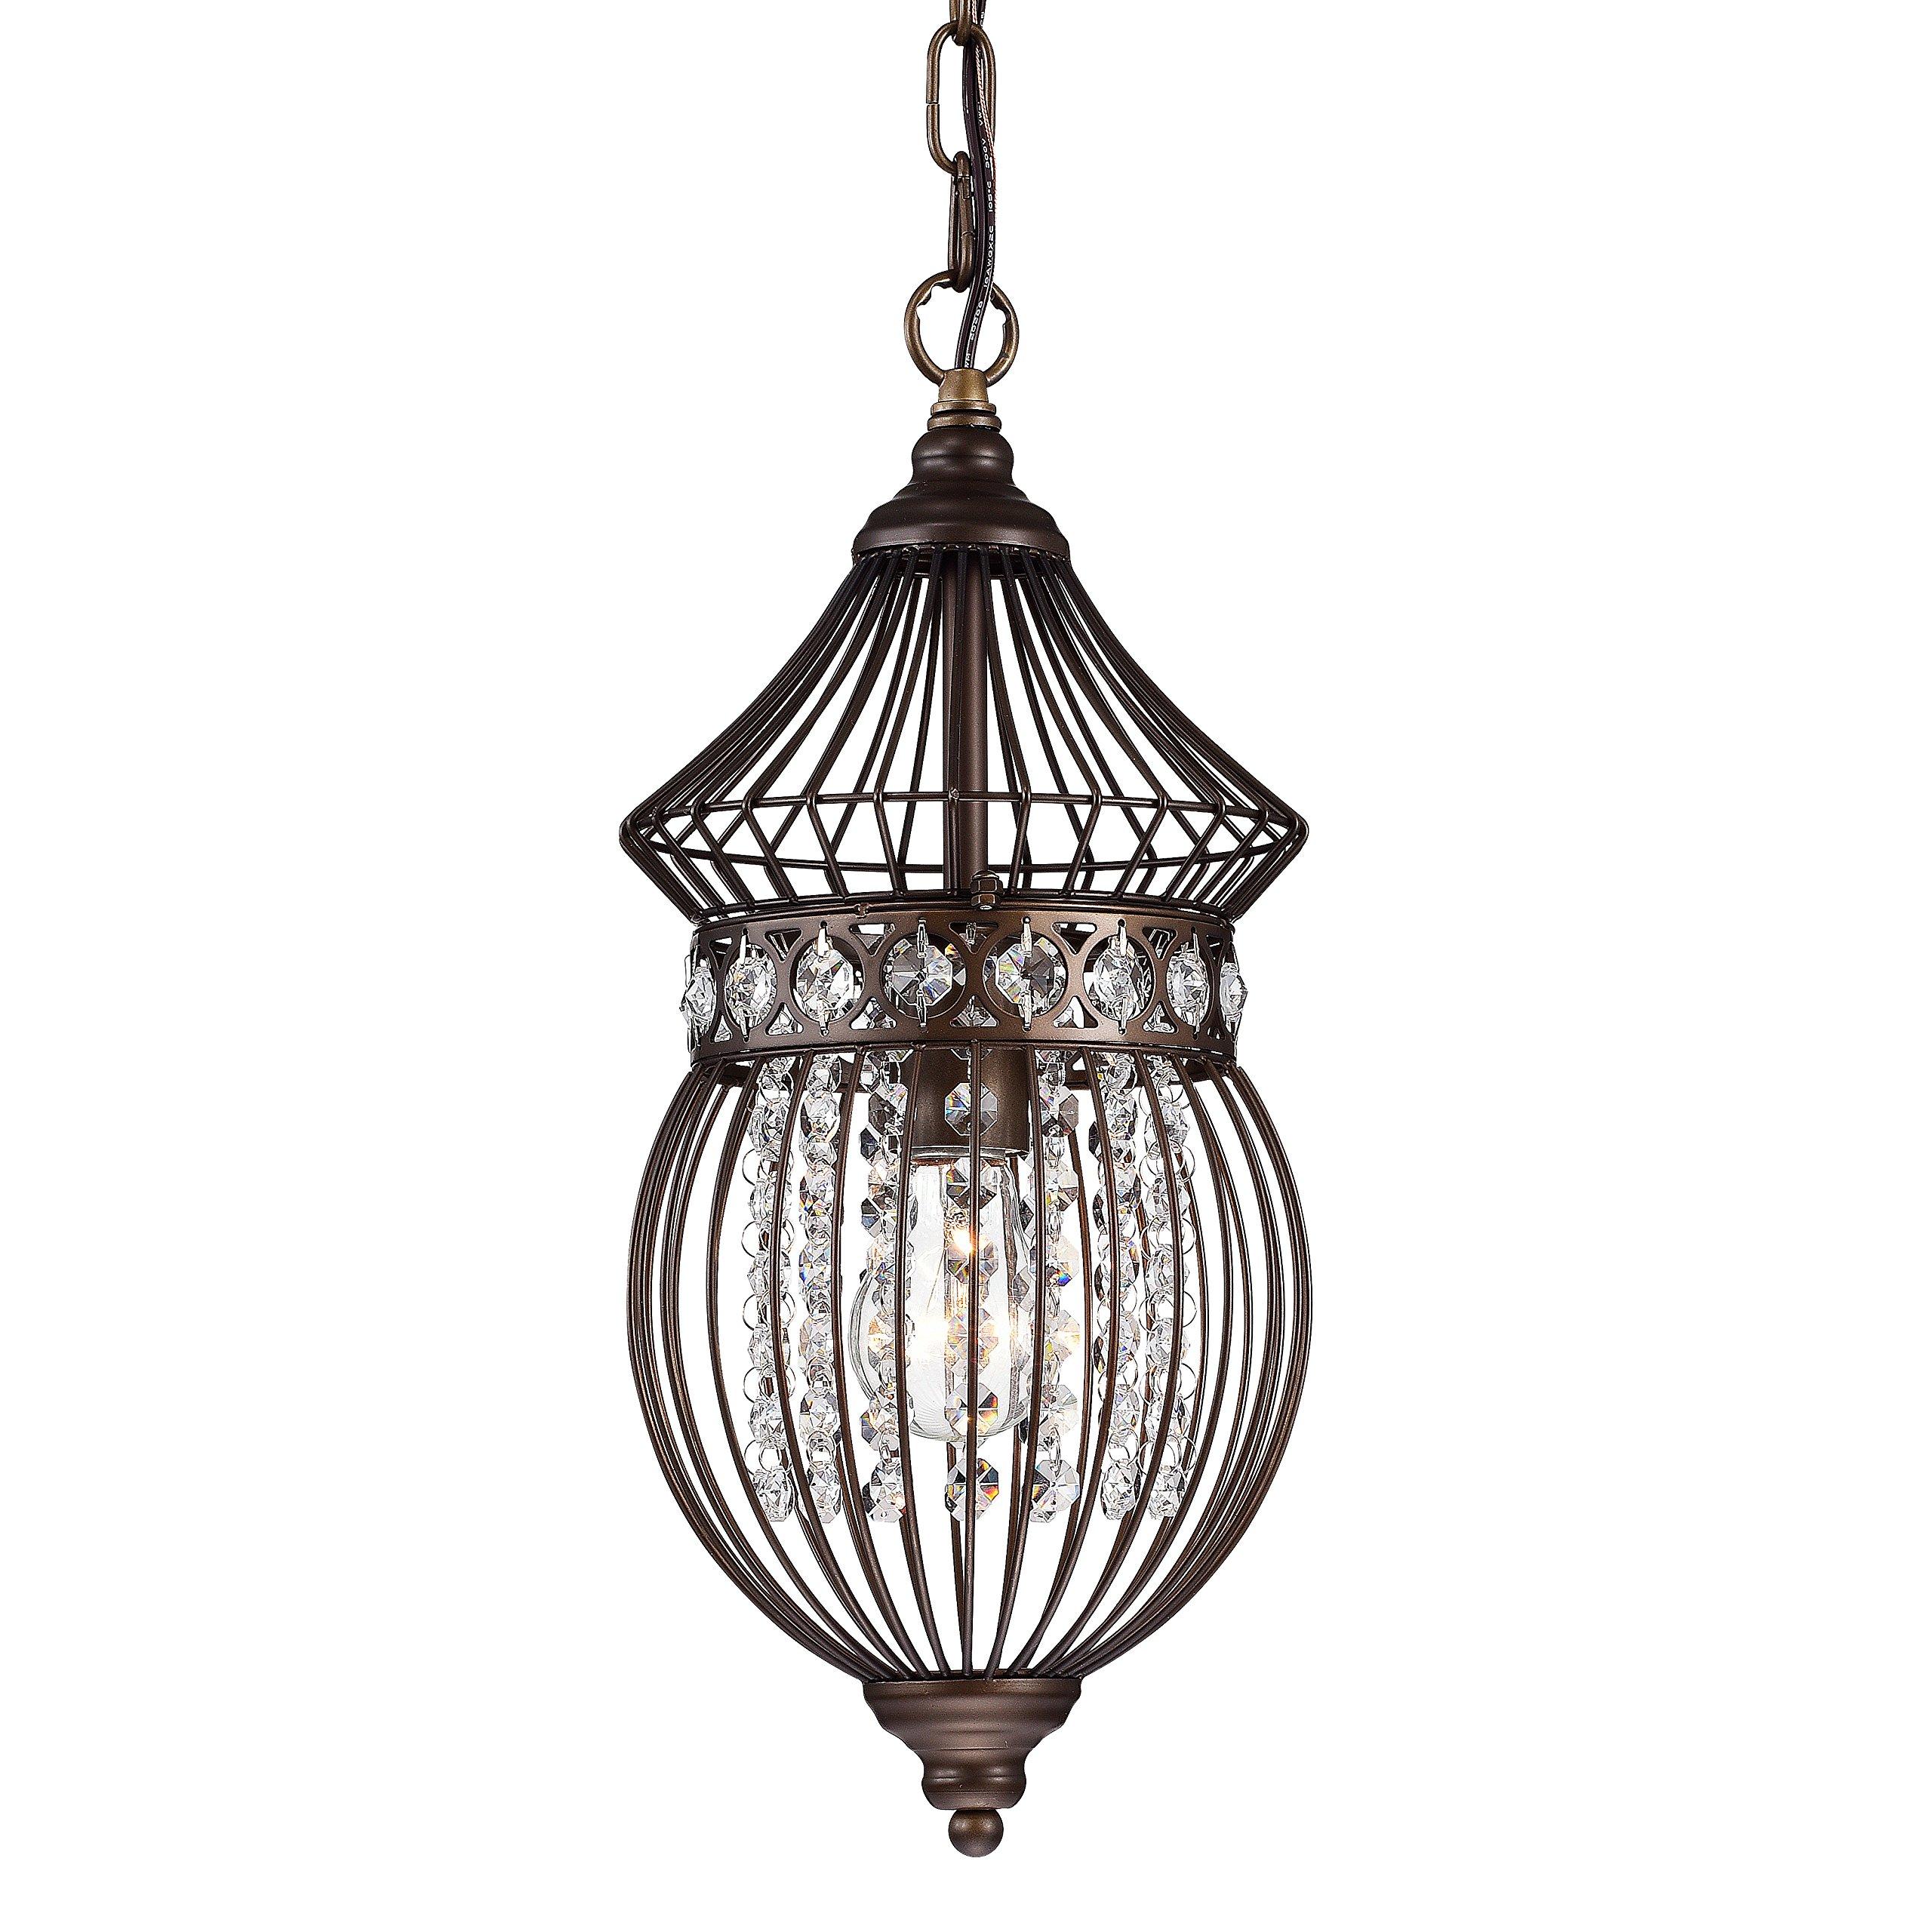 Crystal Bird Cage Chandelier Lighting Bronze Iron Chandelier Ceiling Light Fixture 1 Light 17045